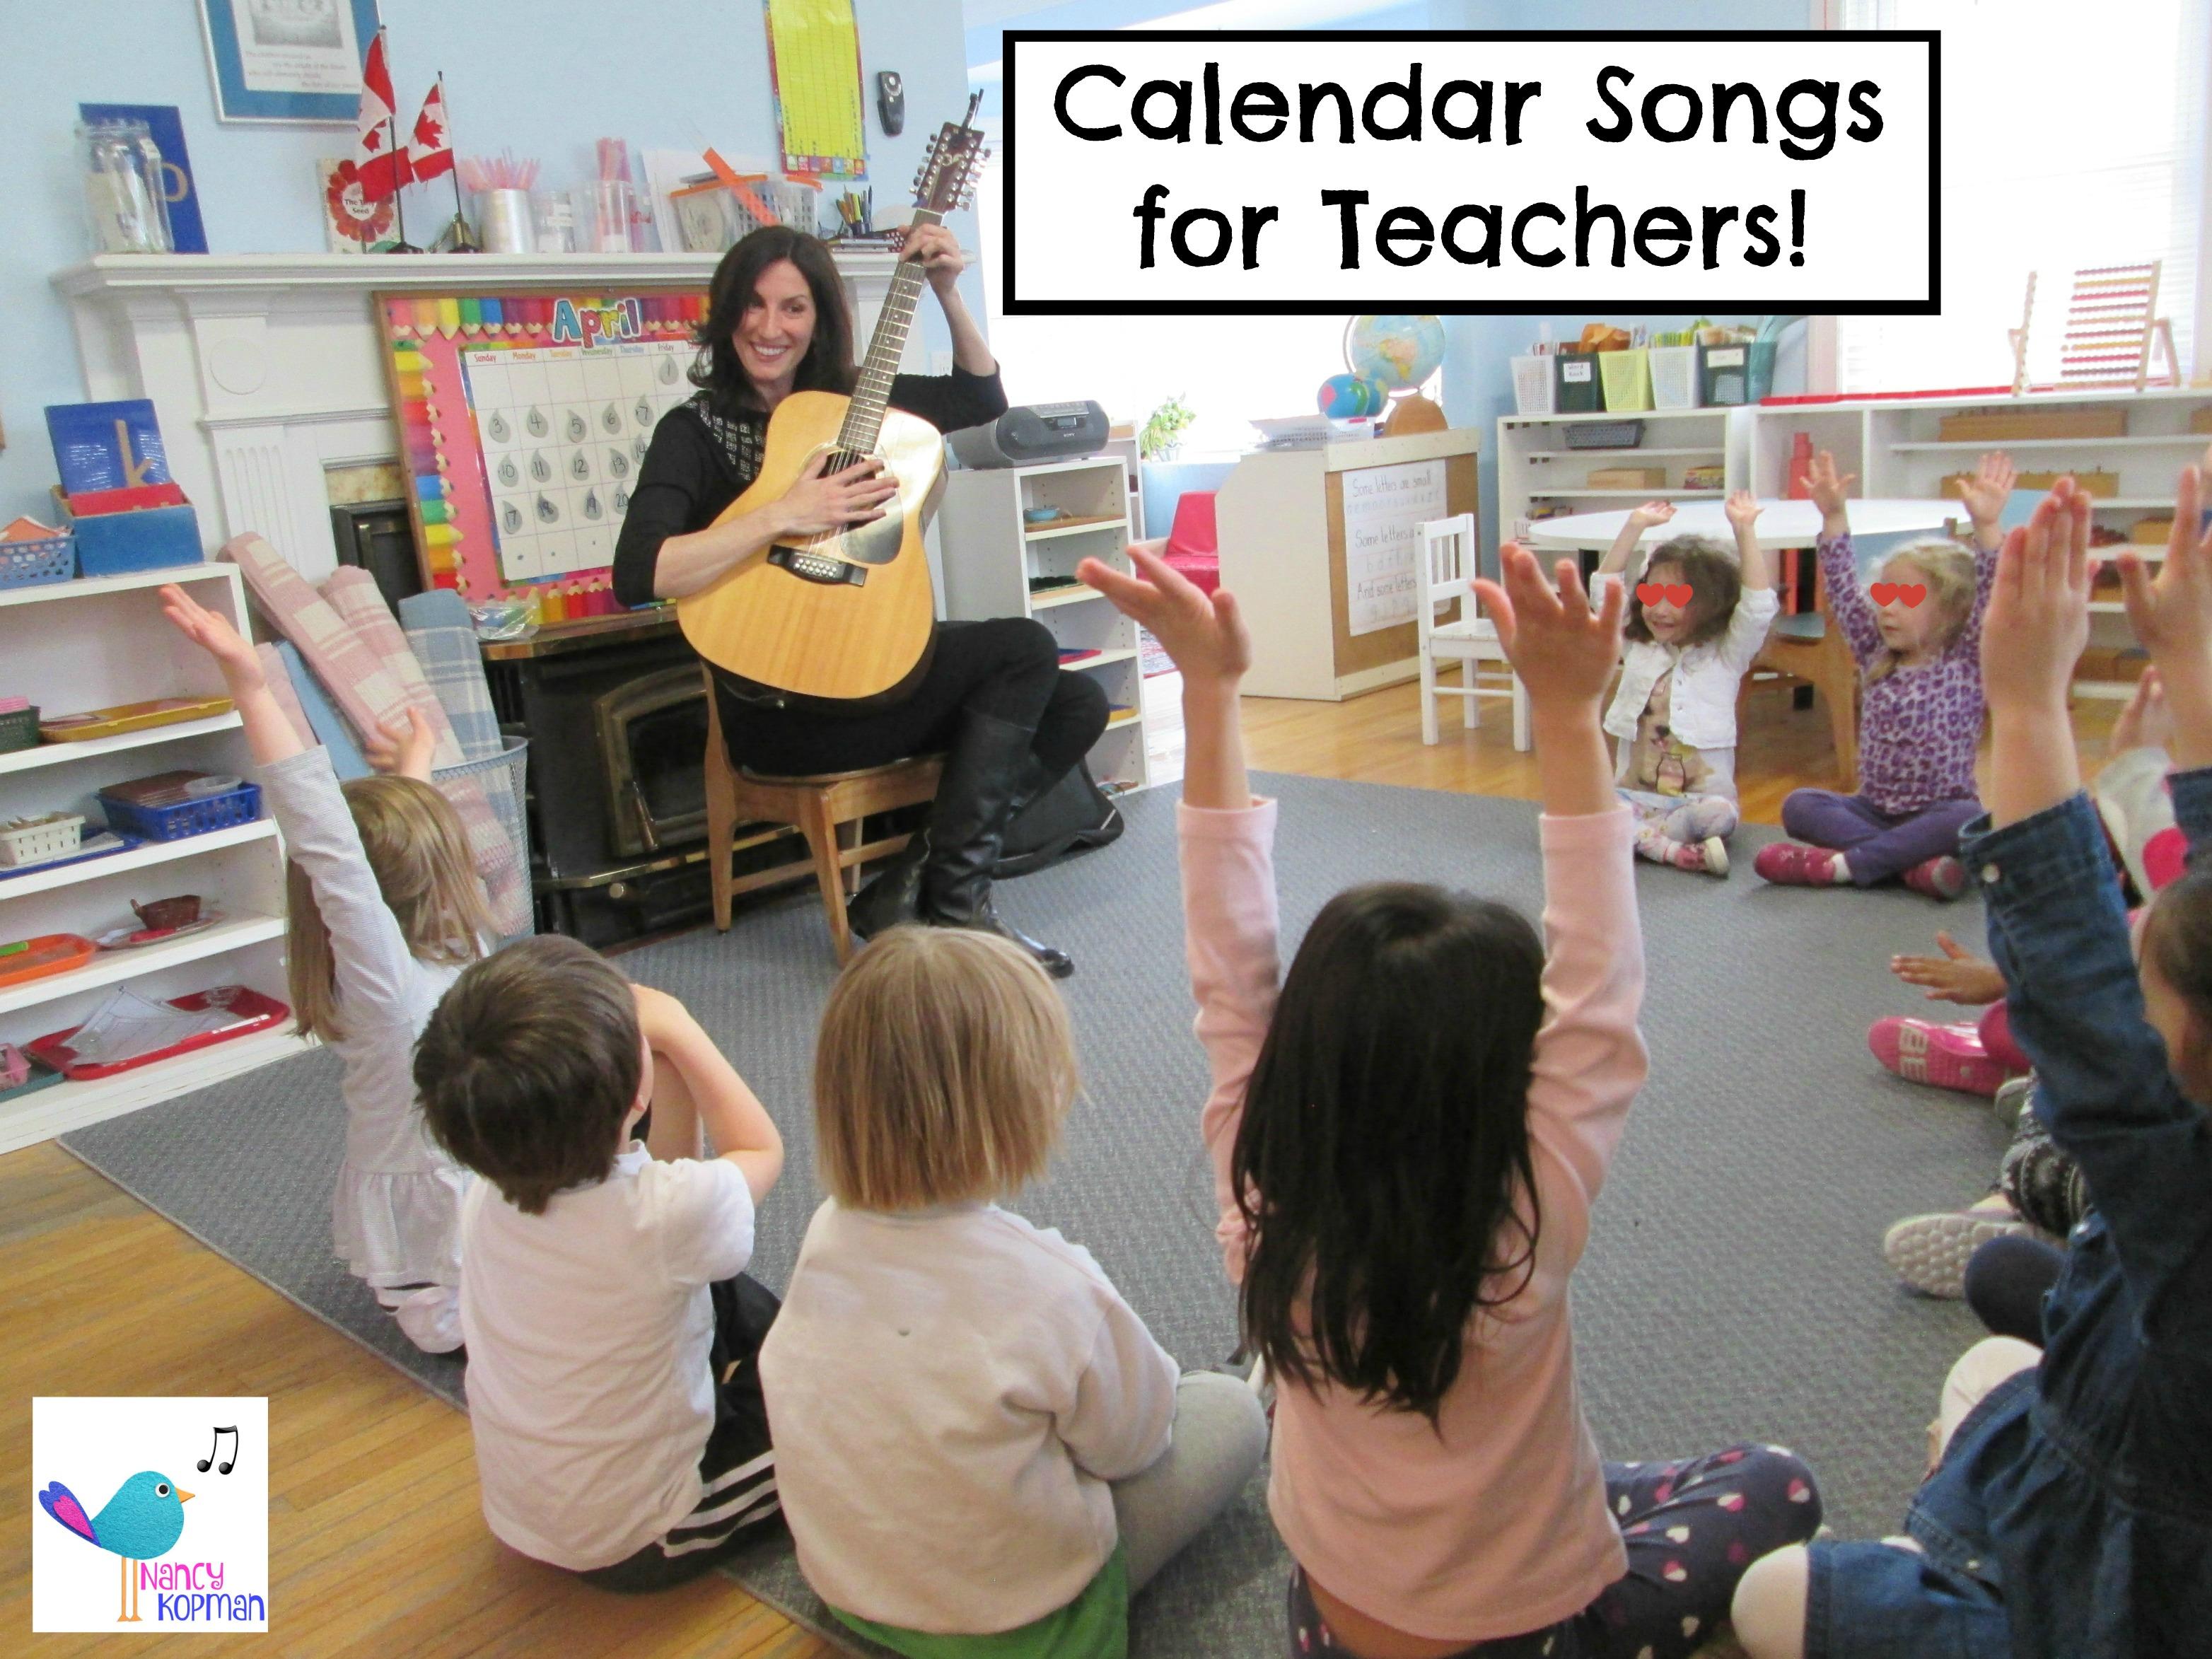 Calendar songs for teachers post.jpg